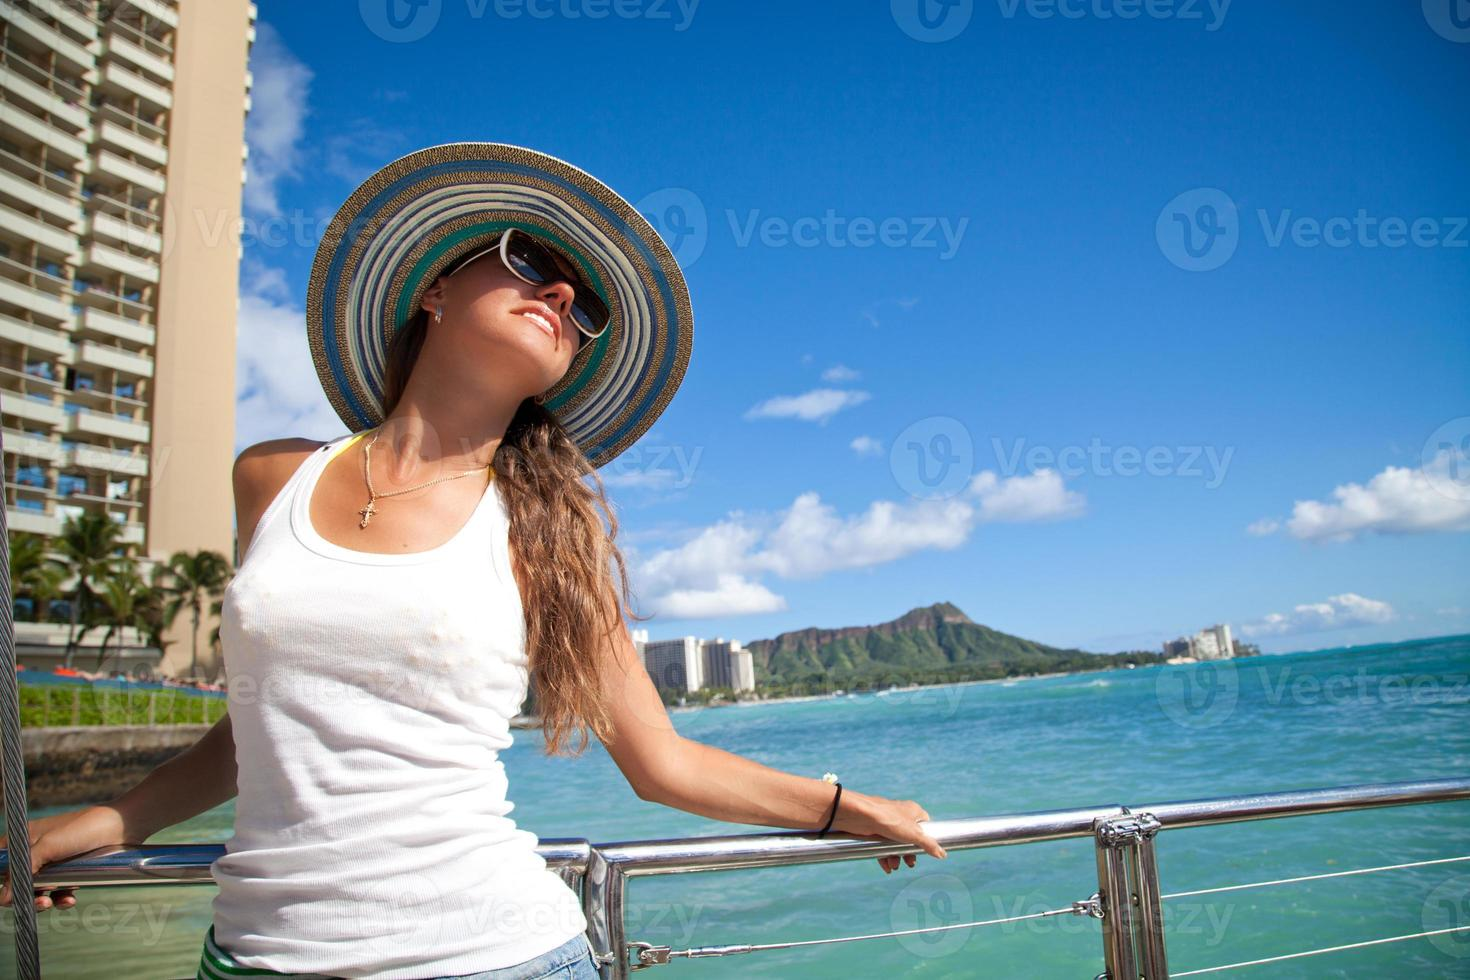 schöne Frauen träumen auf dem Deck einer Yacht foto